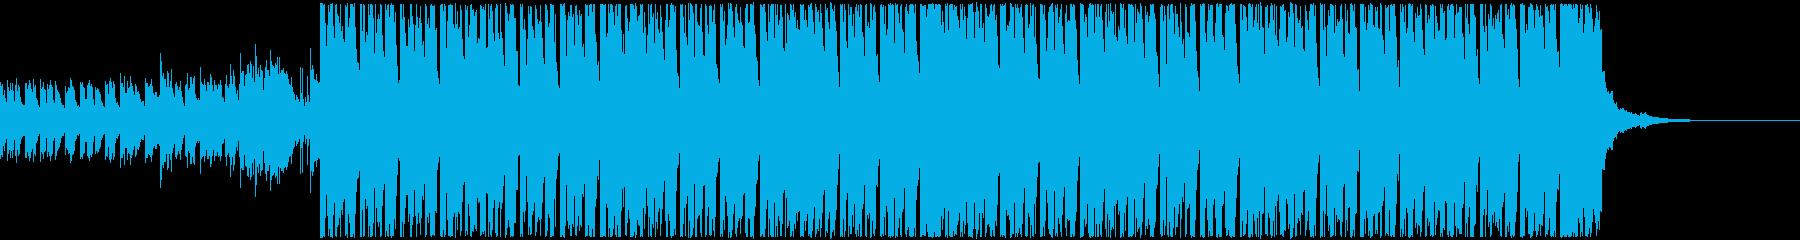 盛り上がるクラブ系ダンスミュージック Mの再生済みの波形